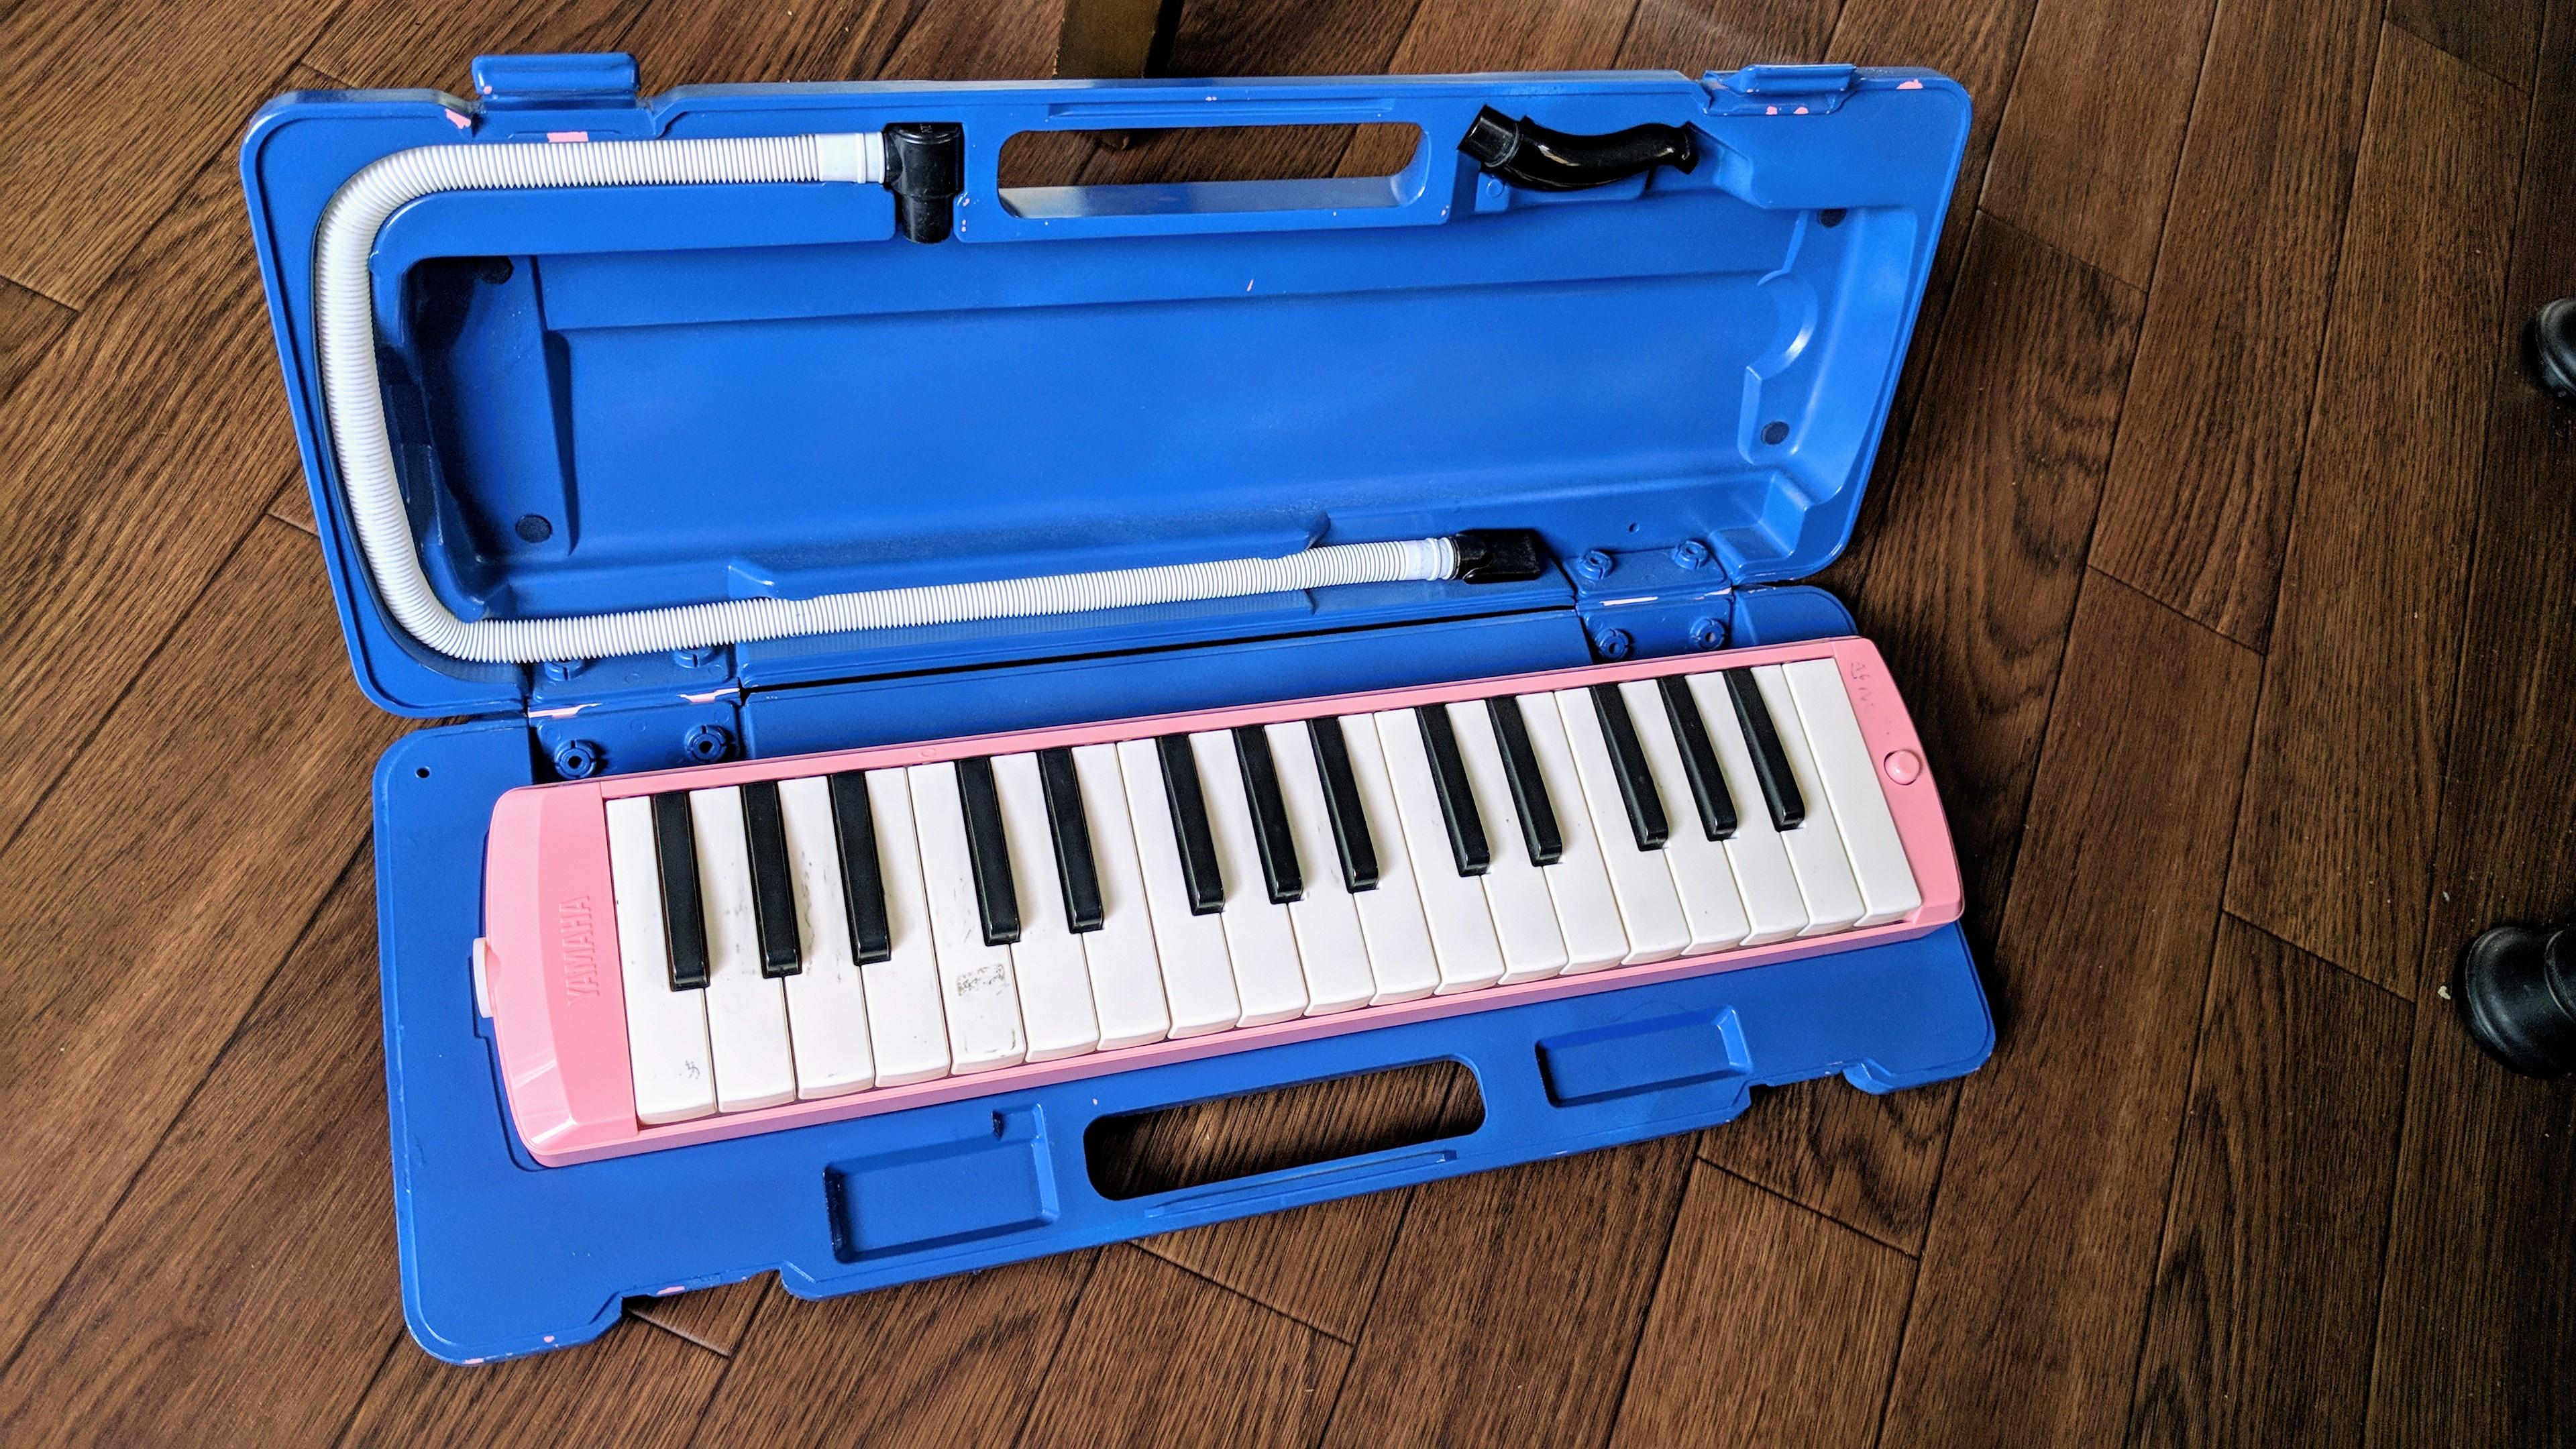 ピンクから青に塗装された鍵盤ハーモニカ